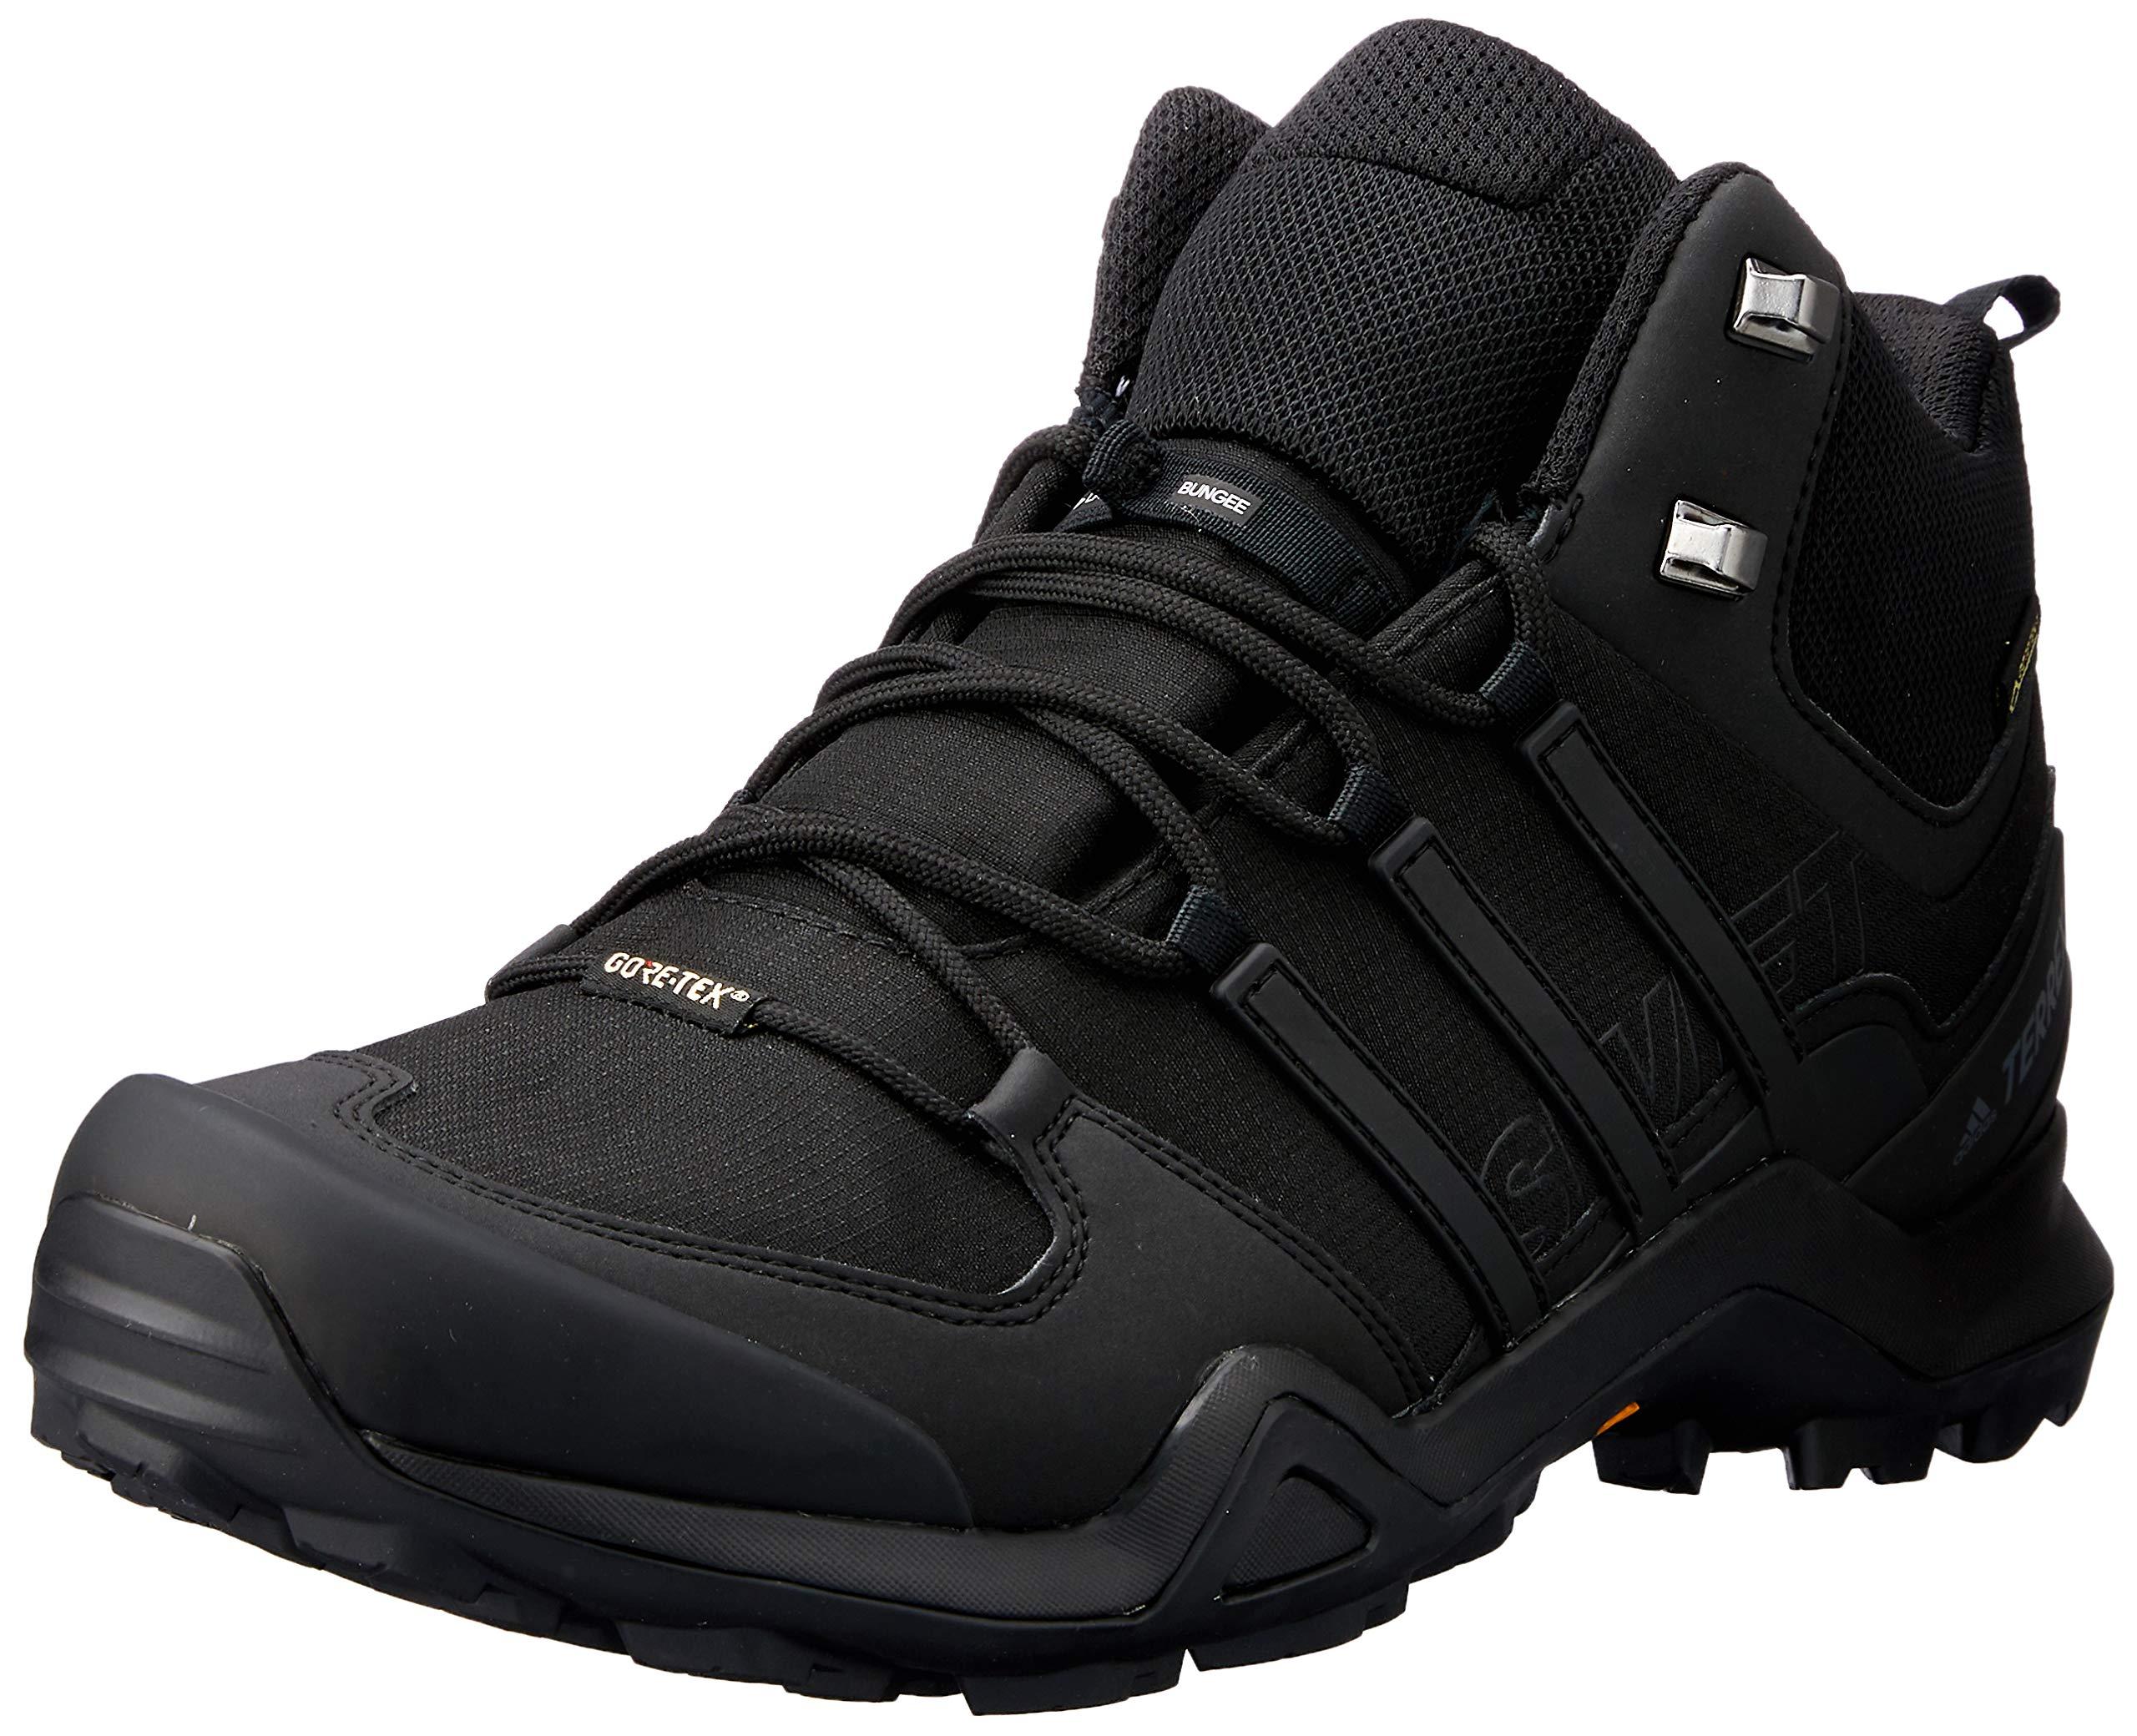 9e1264f126 adidas Terrex Swift R2 Mid, Chaussures de Randonnée Basses Homme product  image